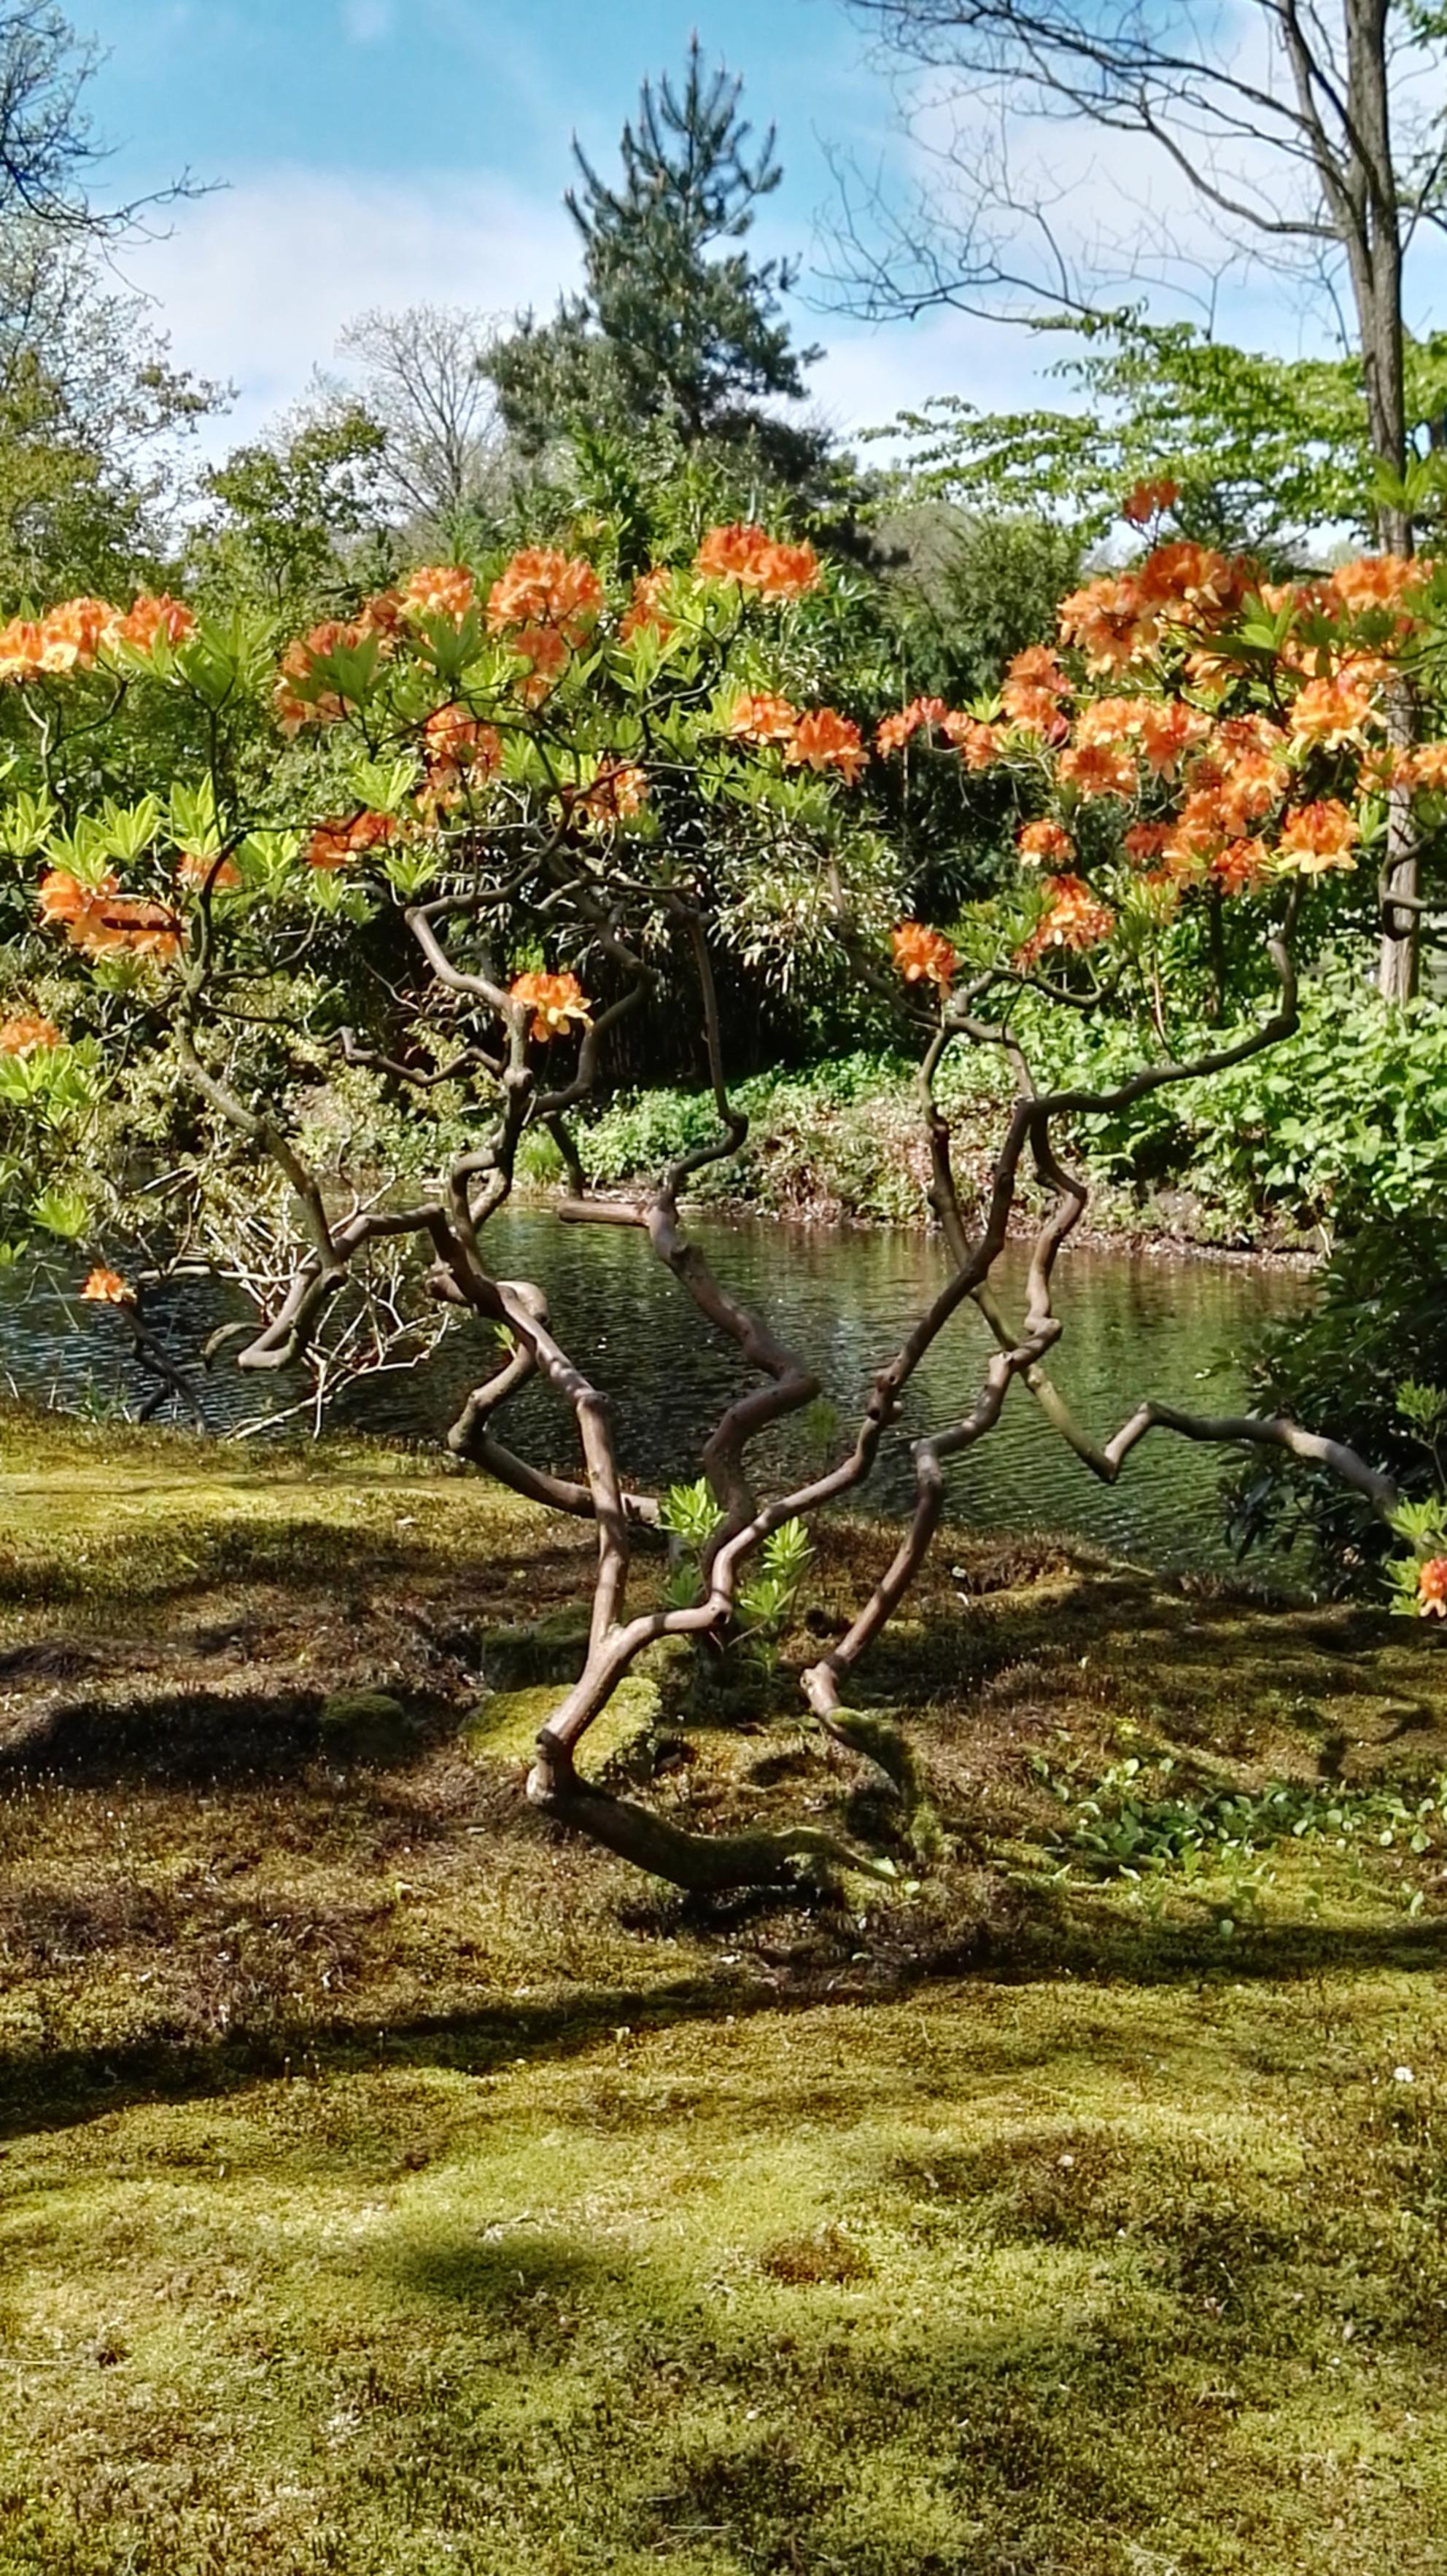 Japanse Tuin - Alles in bloei in de Japanse Tuin  Wassenaar. - foto door BertineVrijland op 30-04-2017 - deze foto bevat: bloem, tuin - Deze foto mag gebruikt worden in een Zoom.nl publicatie